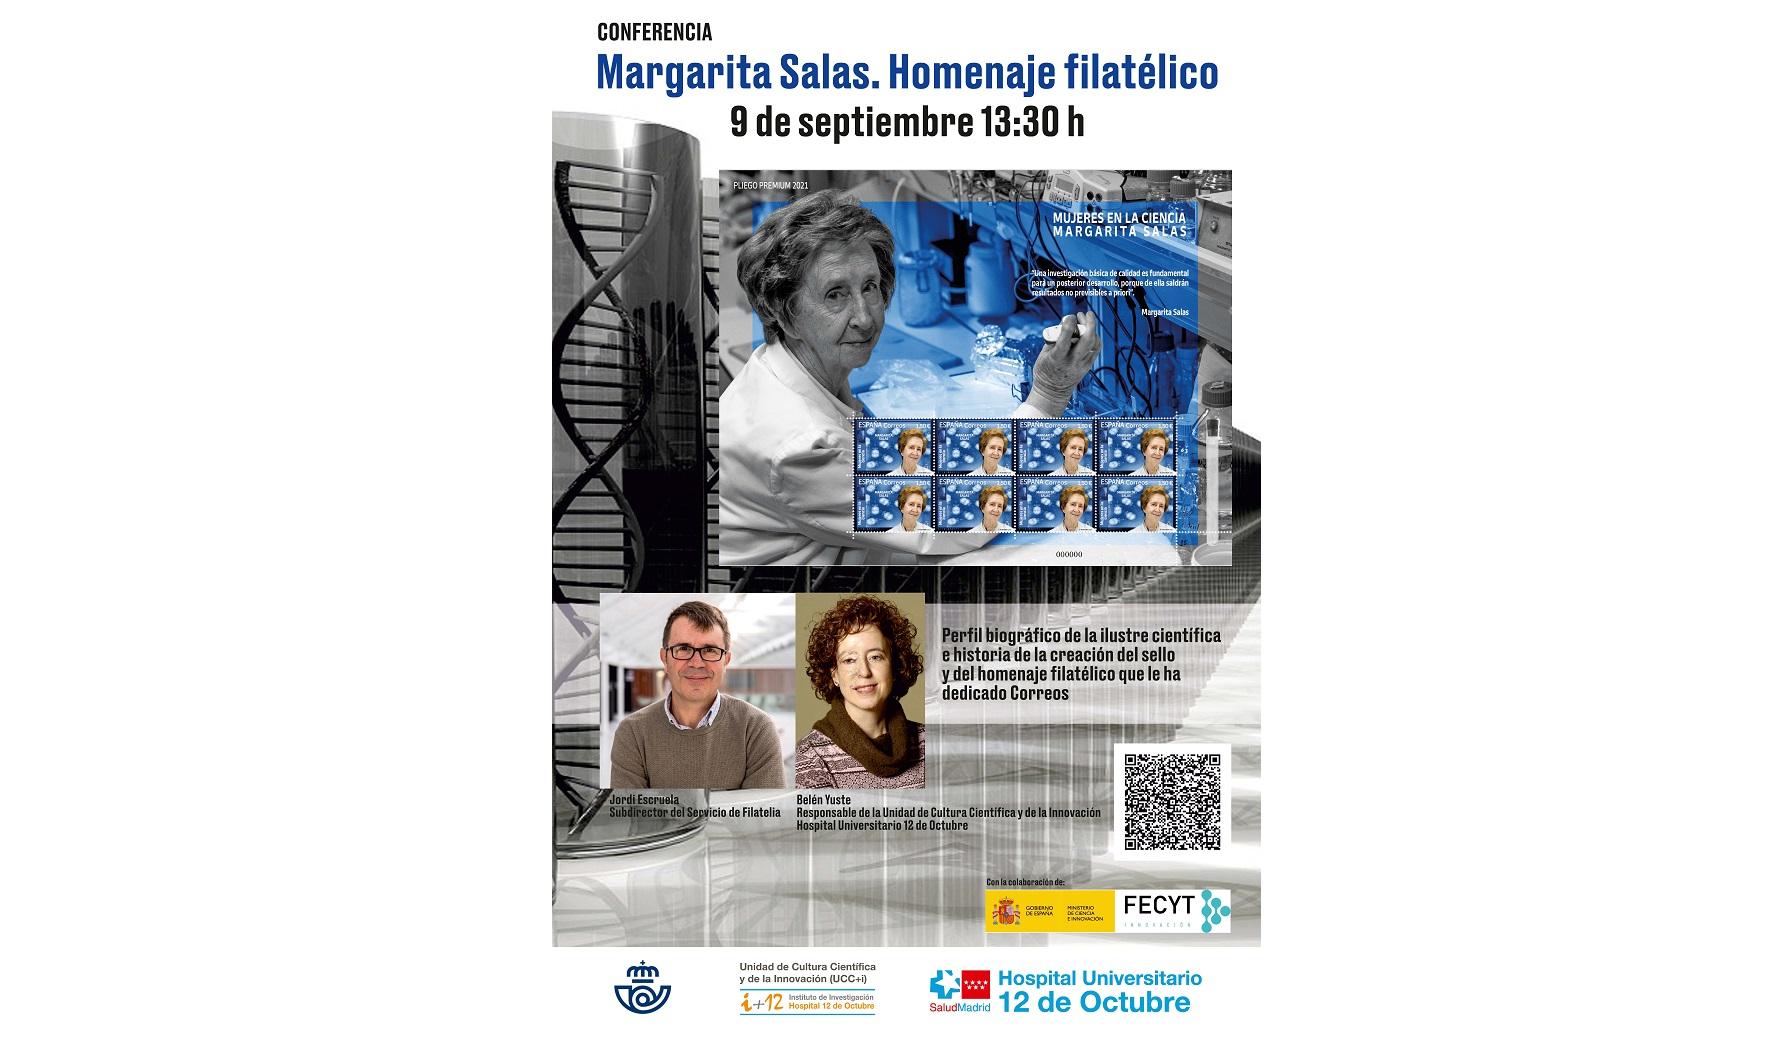 """Conferencia """"Margarita Salas. Homenaje Filatélico"""".  Jueves 9 de septiembre de 2021 a las 13:30 h. Evento OnLine en directo."""